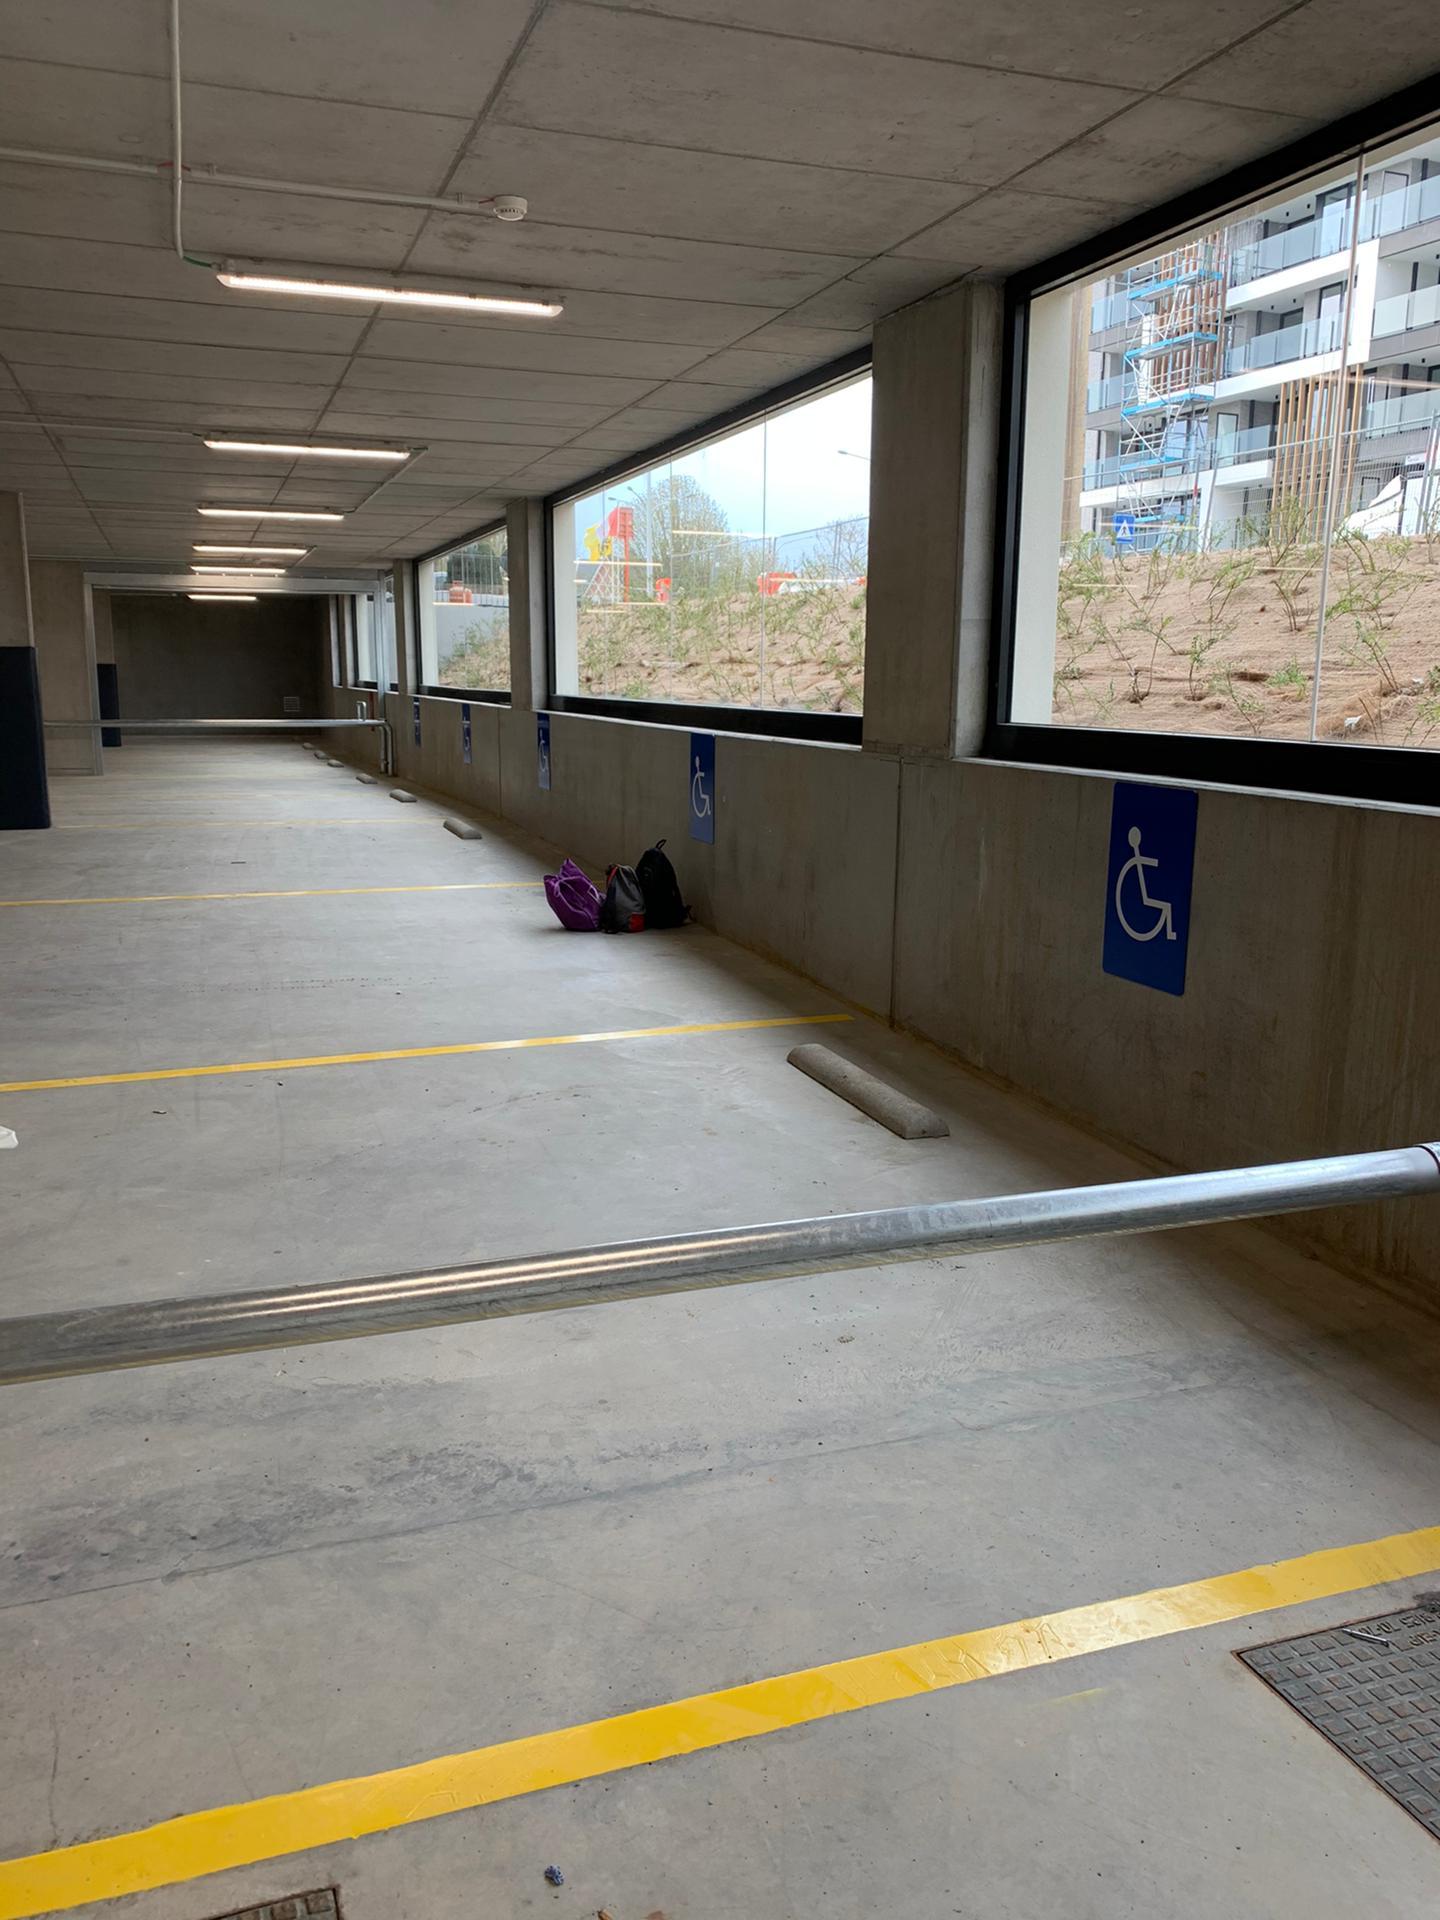 Binnebelijning, biggenruggen en signalisatieborden parking voor mindervaliden, bij Delhaize Aalst, door Remotec